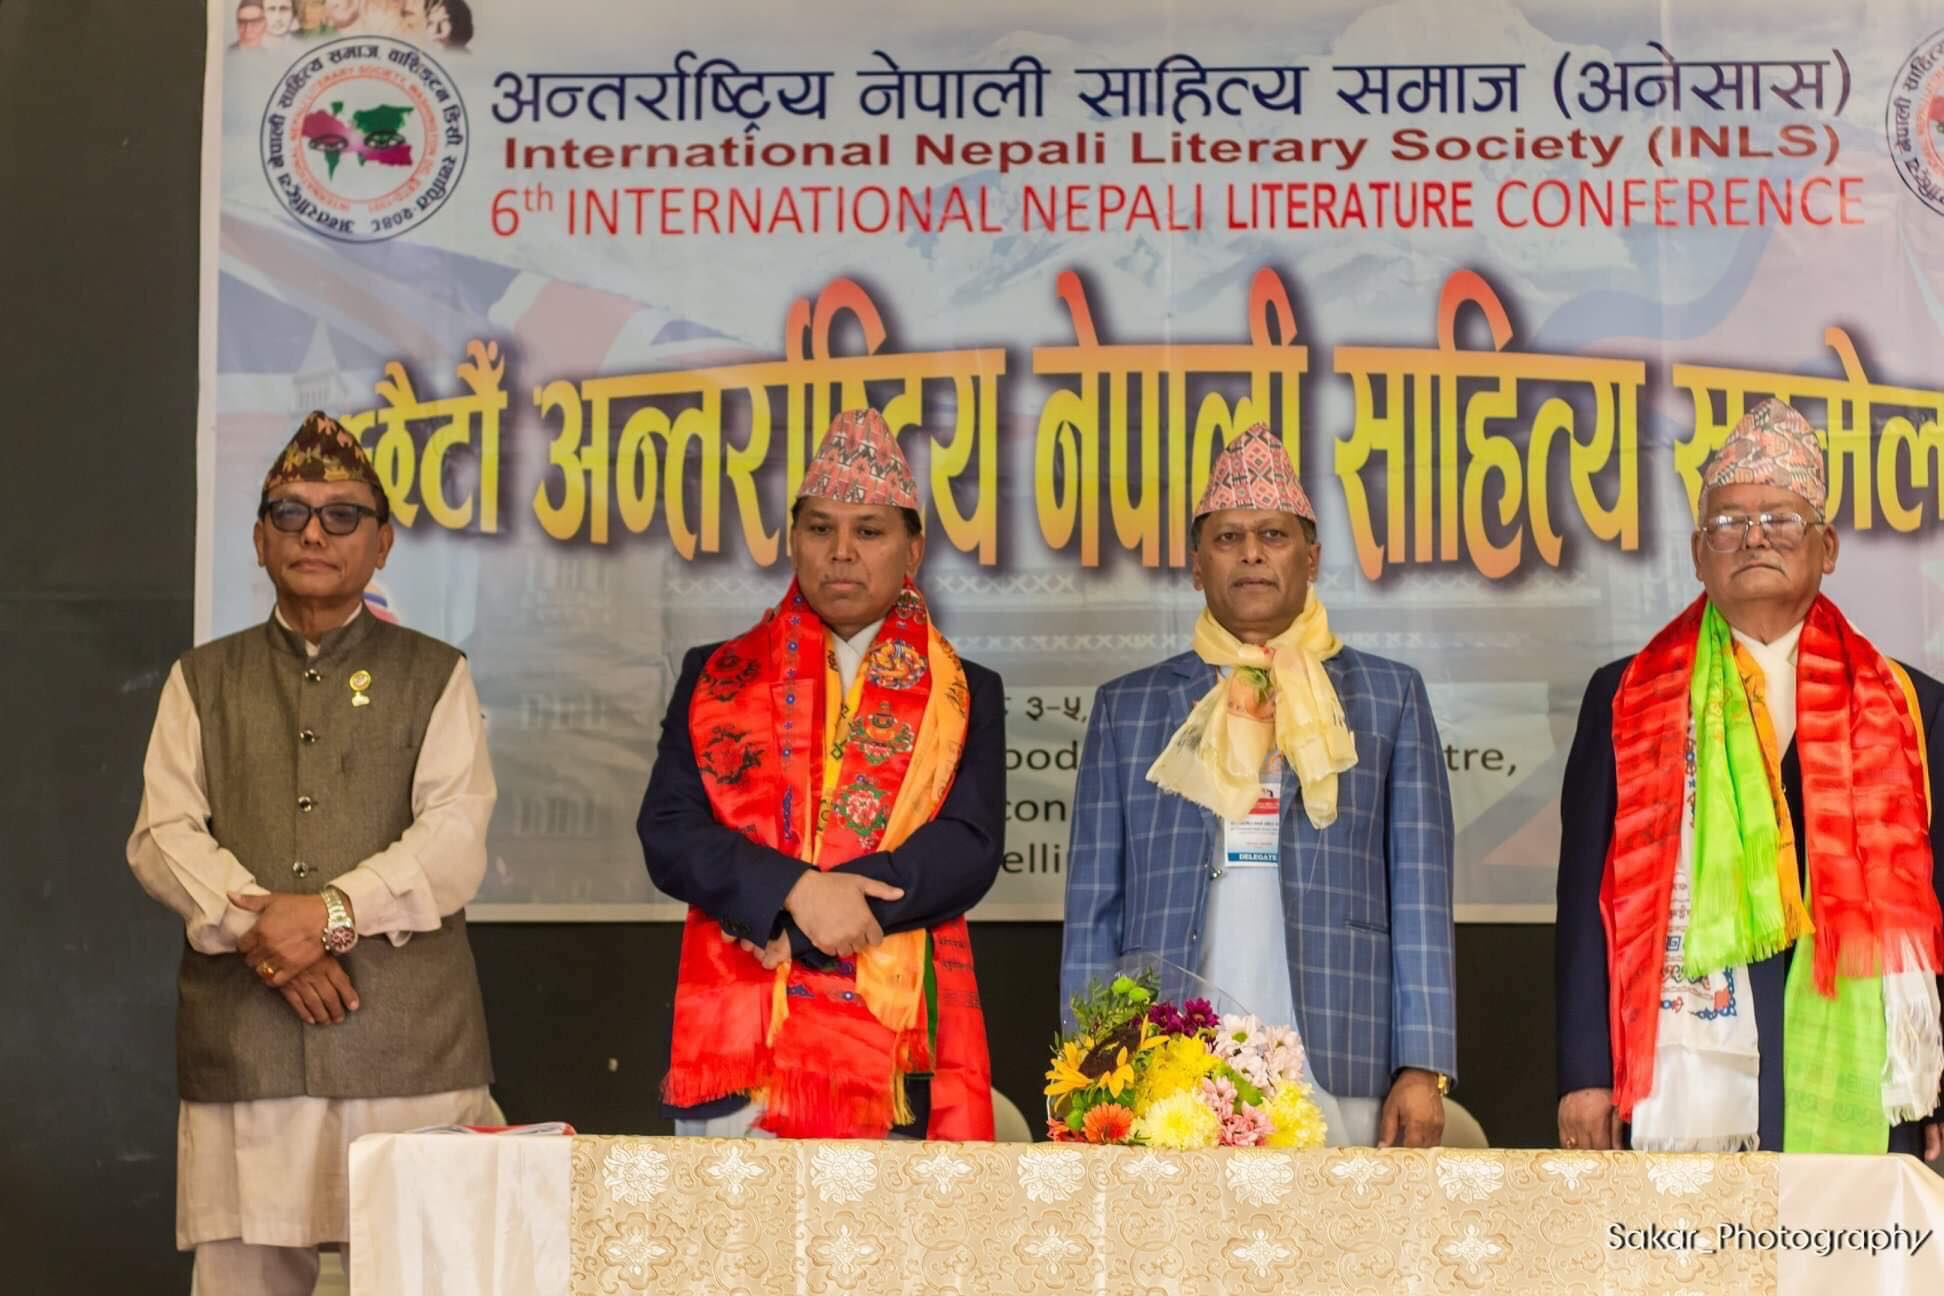 लण्डनमा छैटौ अन्तर्राष्ट्रिय नेपाली साहित्य सम्मेलन सम्पन्न